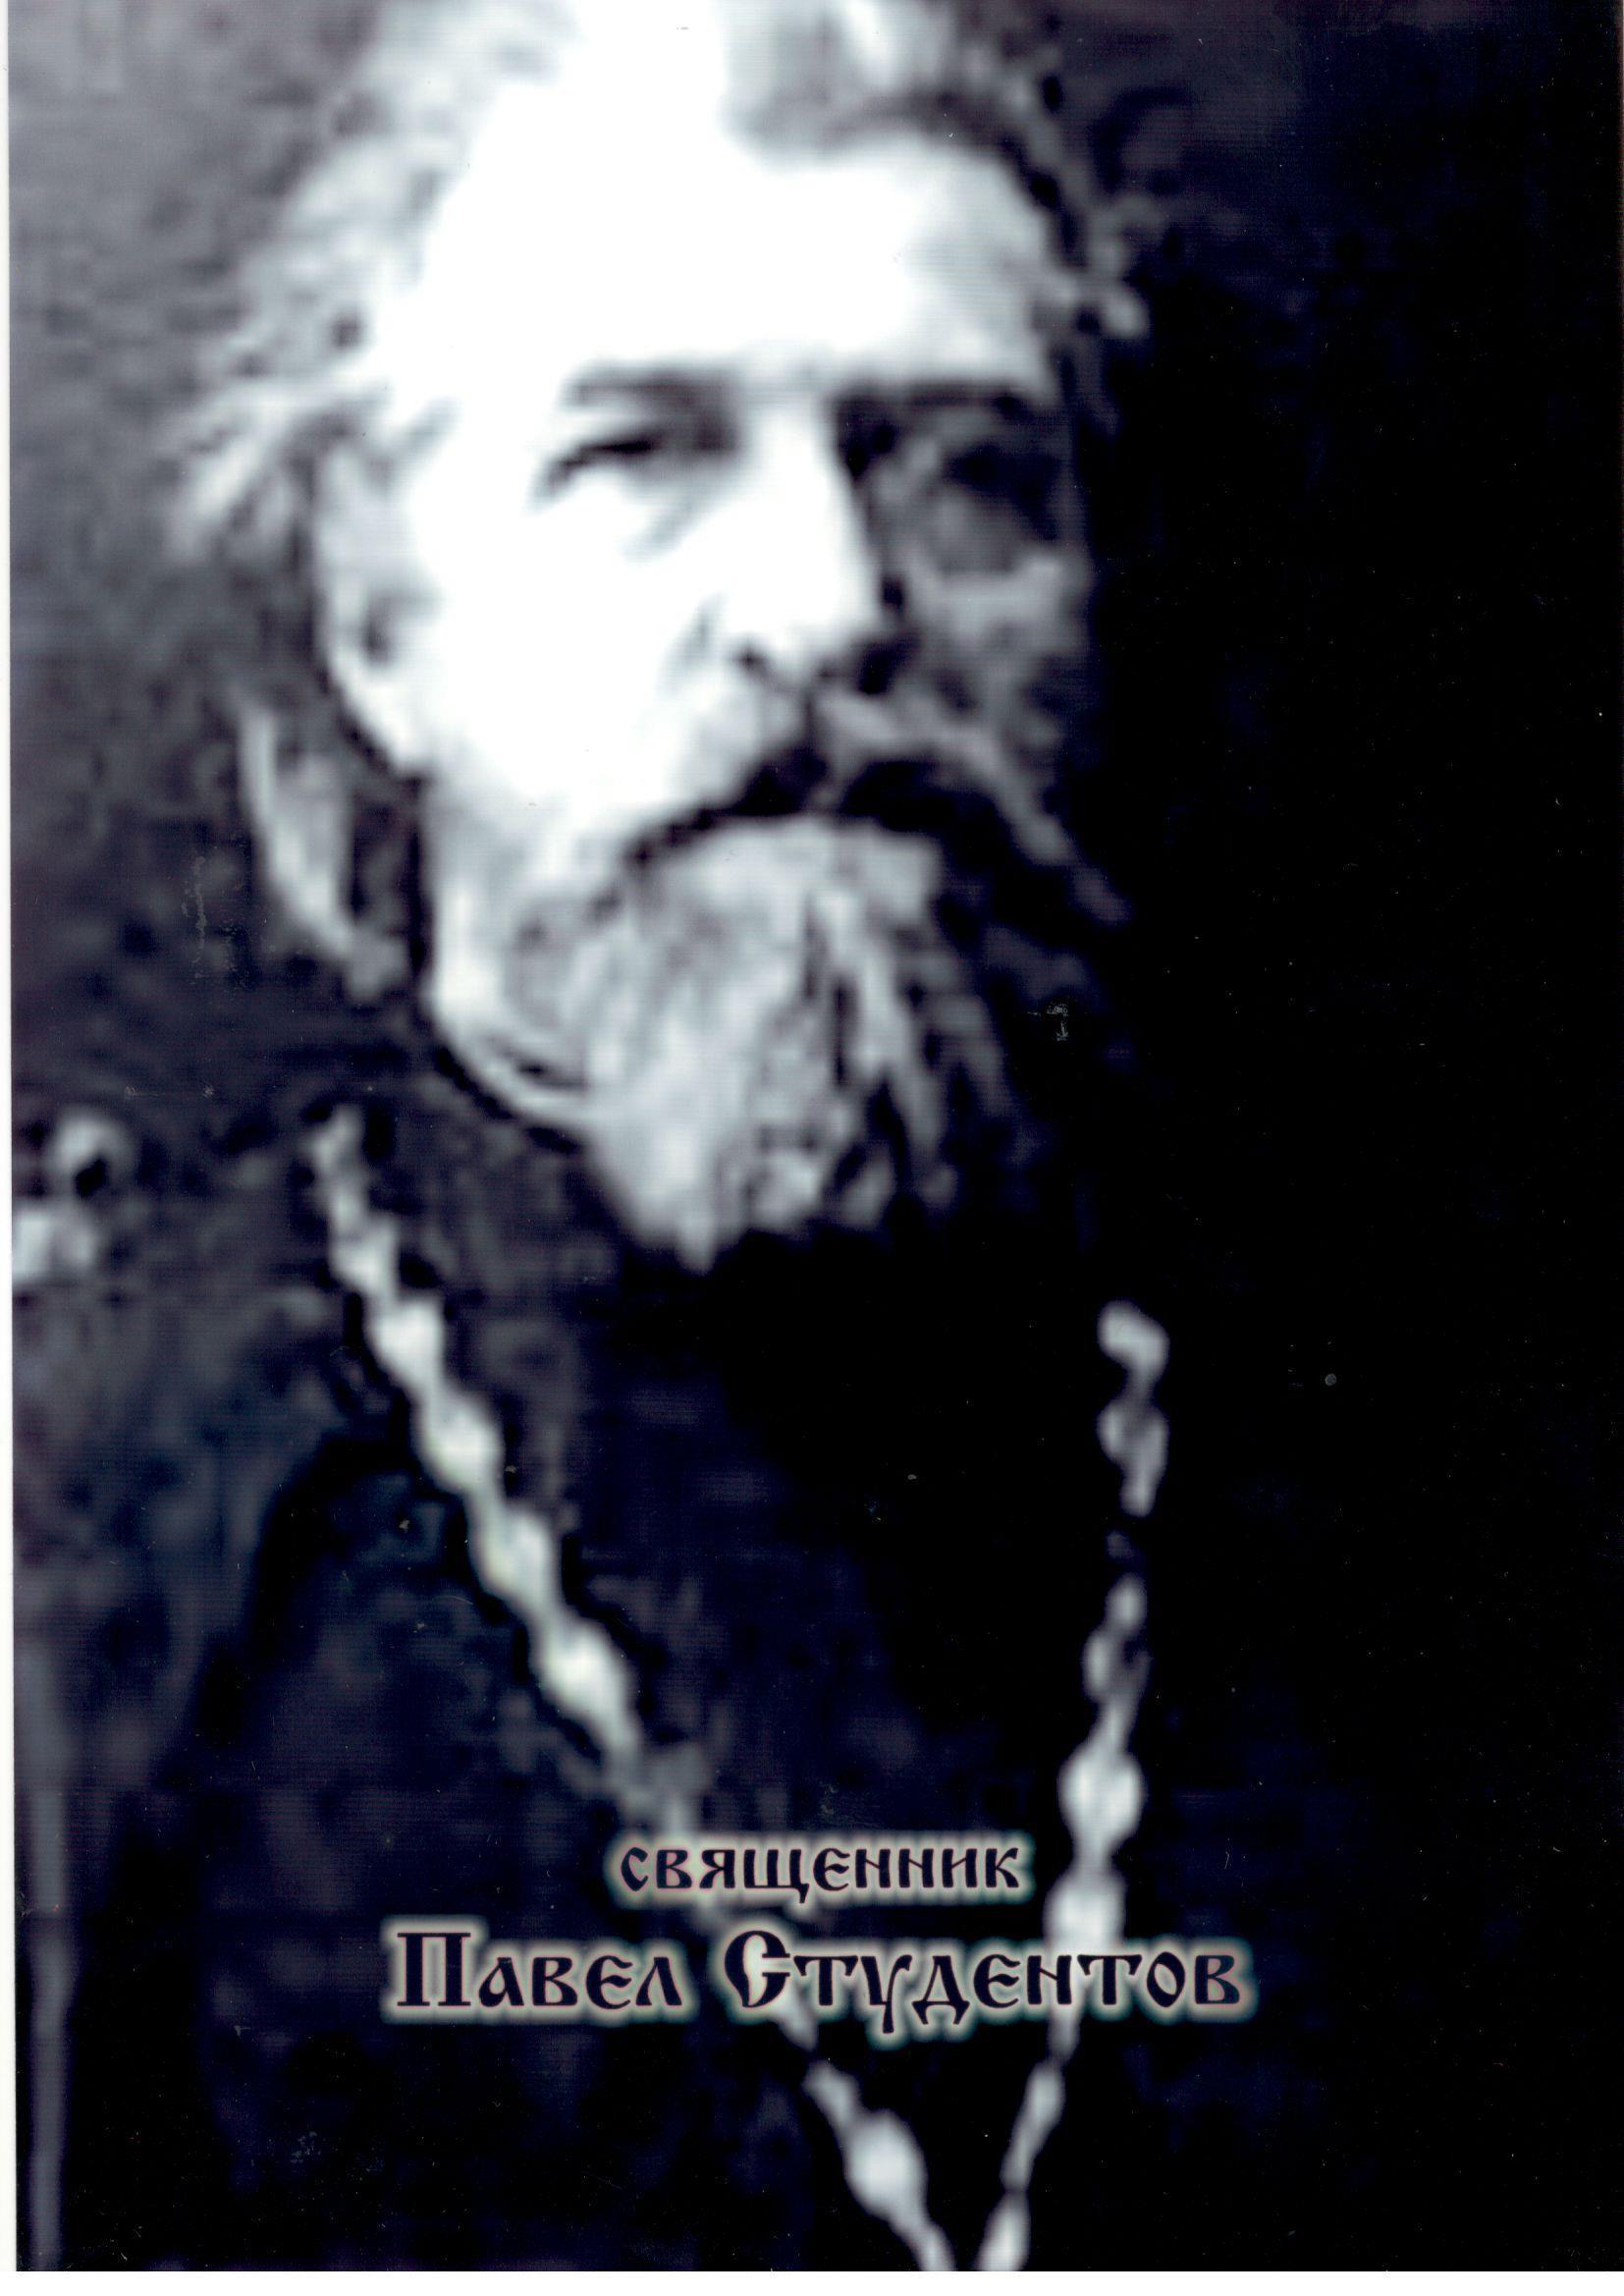 Священник Павел Студентов